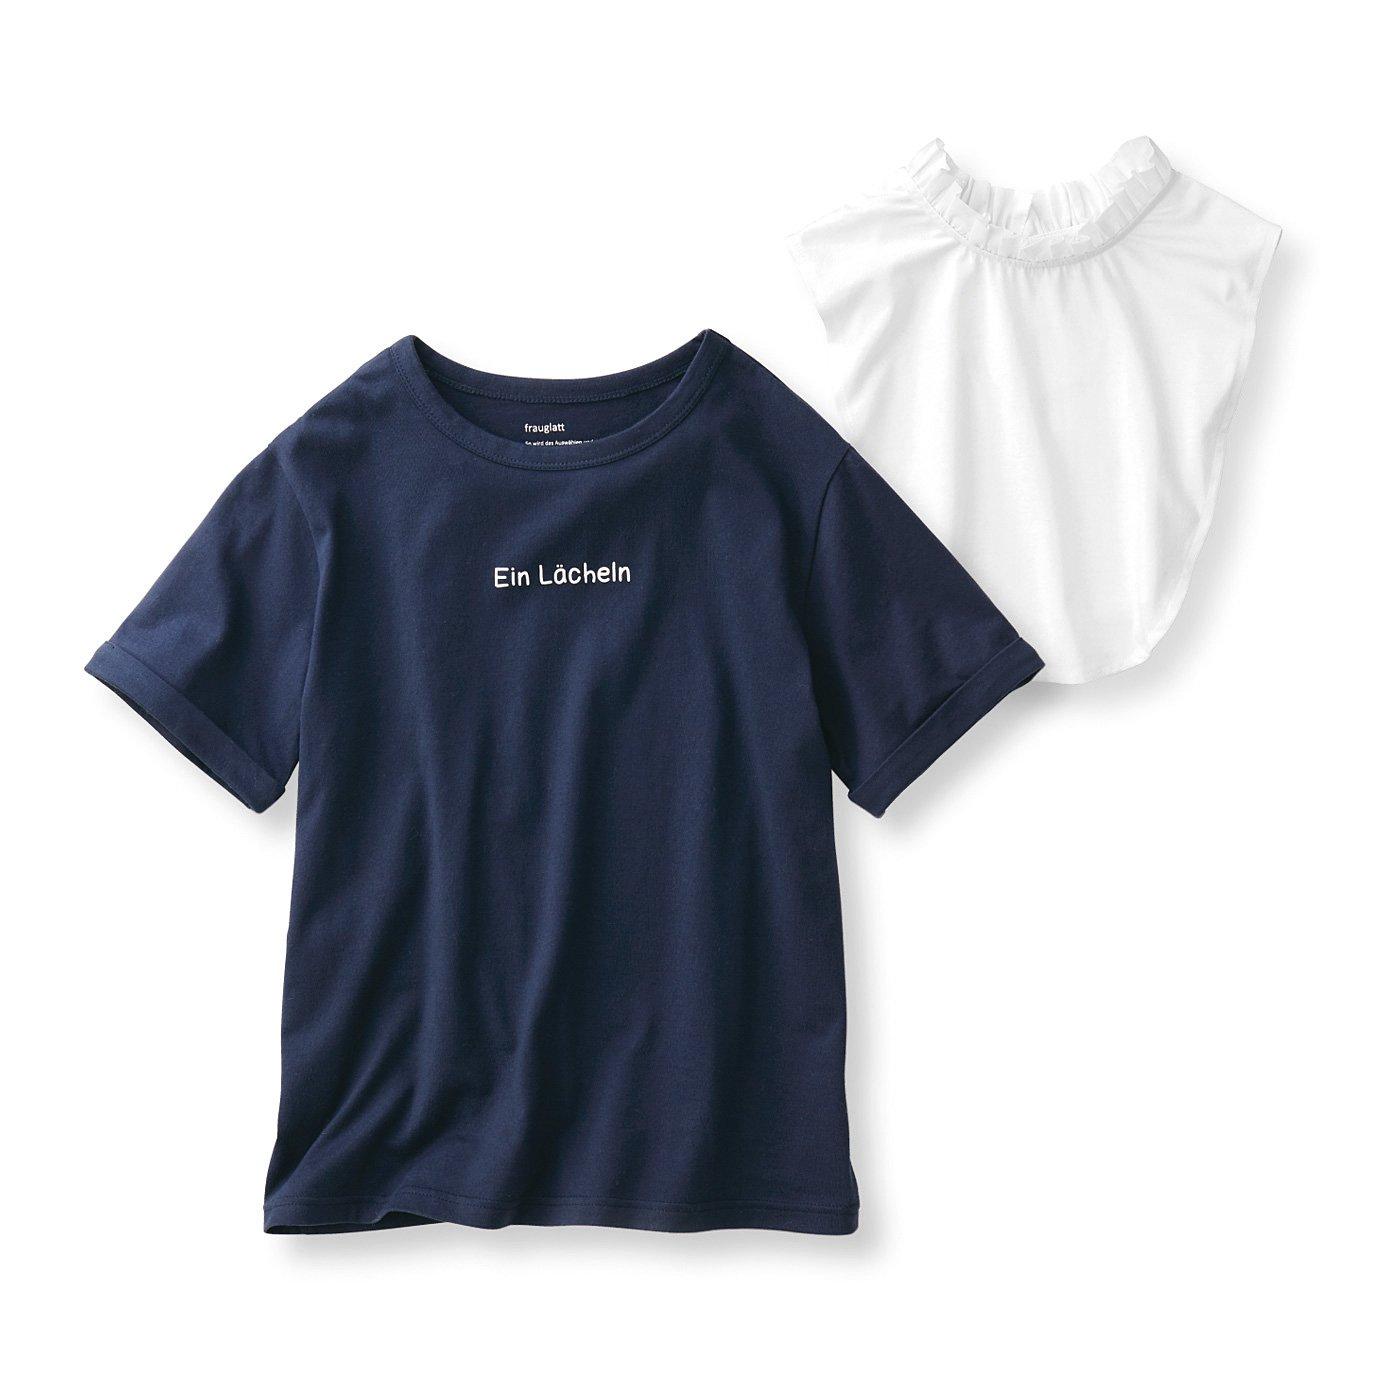 フラウグラット 大人の上品フリル付け衿&ほんのりロゴTシャツセット〈吸水速乾〉〈ネイビー×ホワイト〉